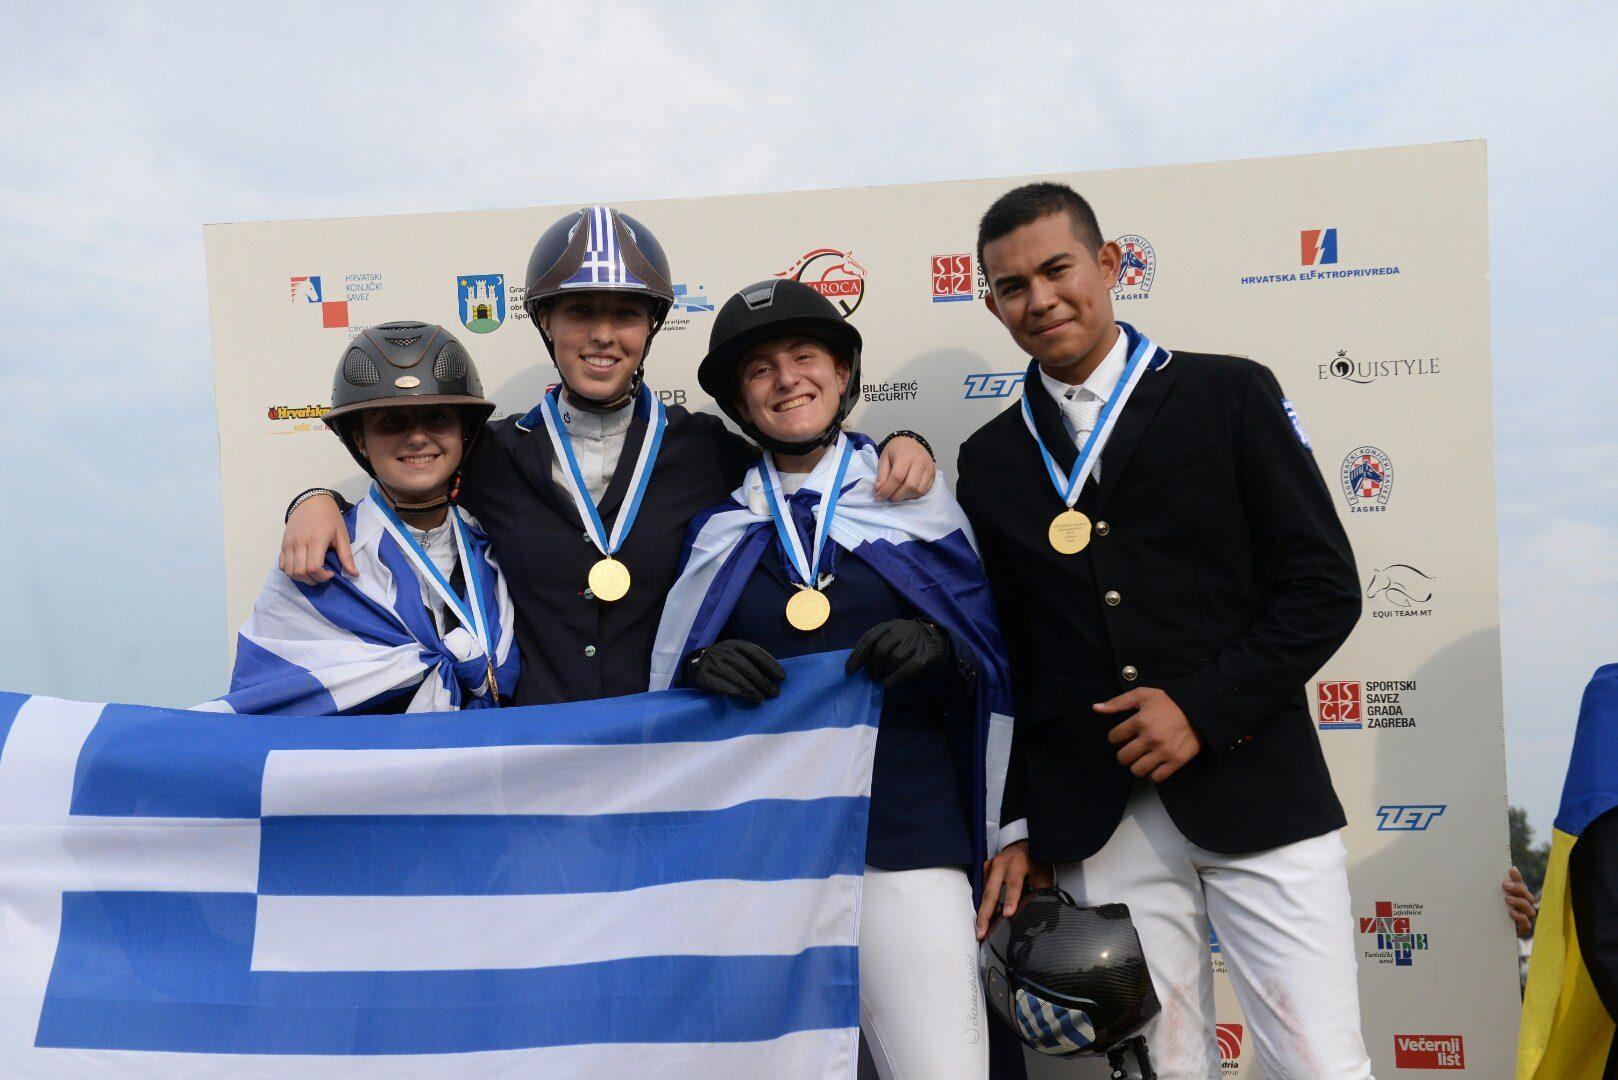 Ιππασία: Με 12 μετάλλια η Ελλάδα στο Βαλκανικό Πρωτάθλημα Υπερπήδησης Εμποδίων